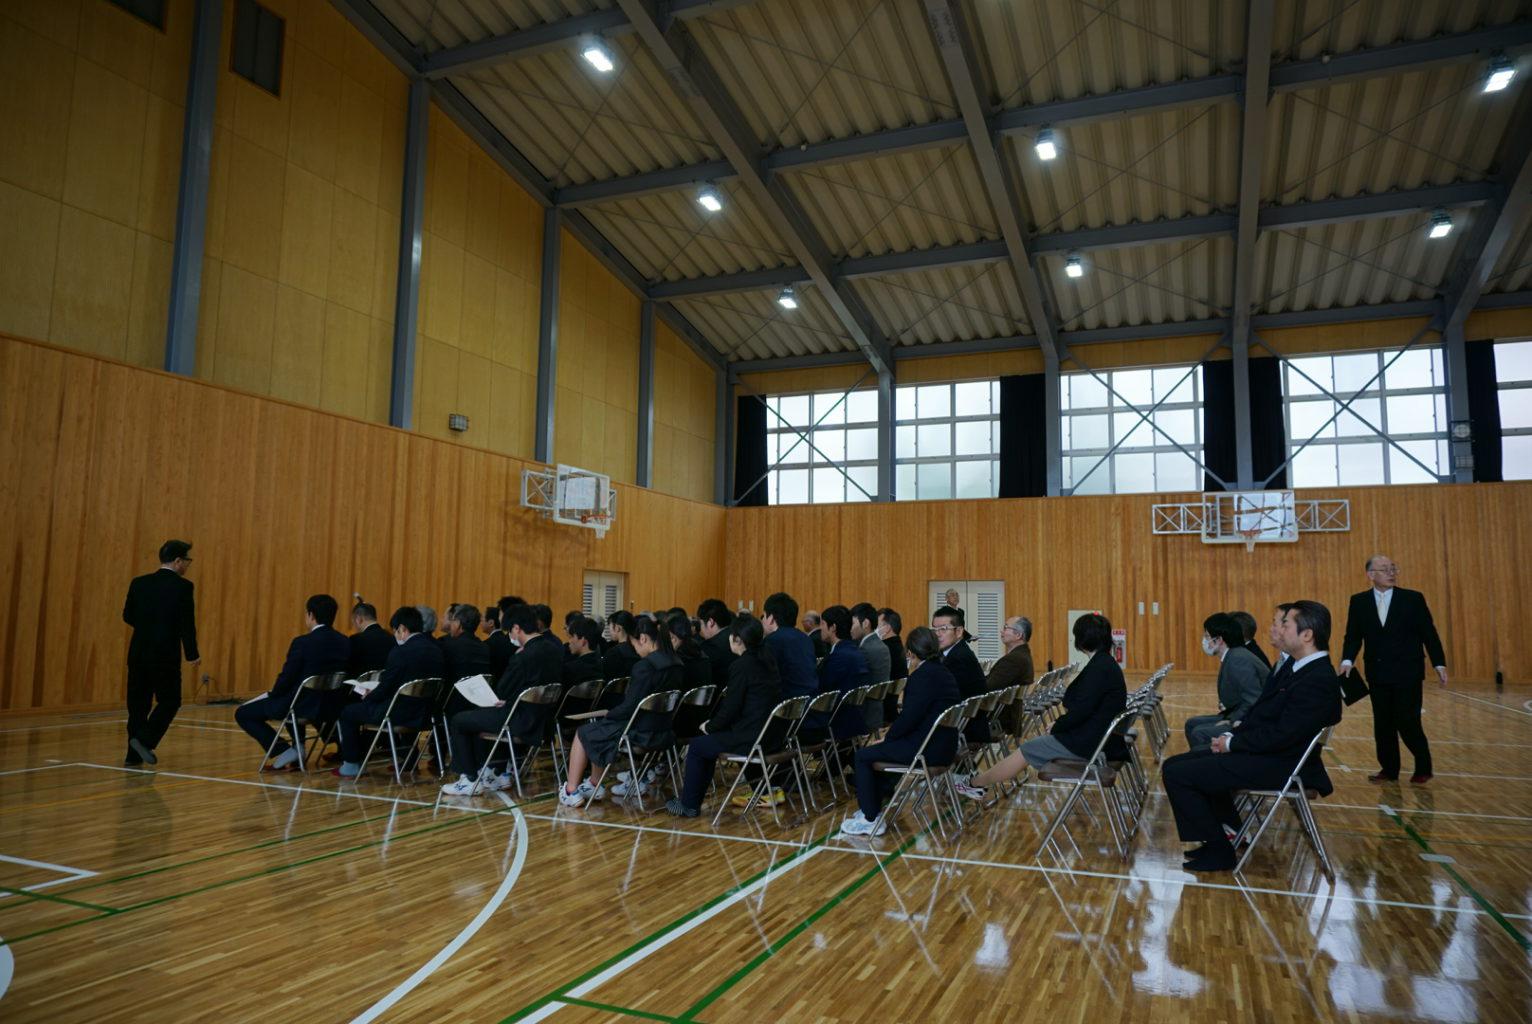 新第一体育館・武道館・体操練習場 落成式